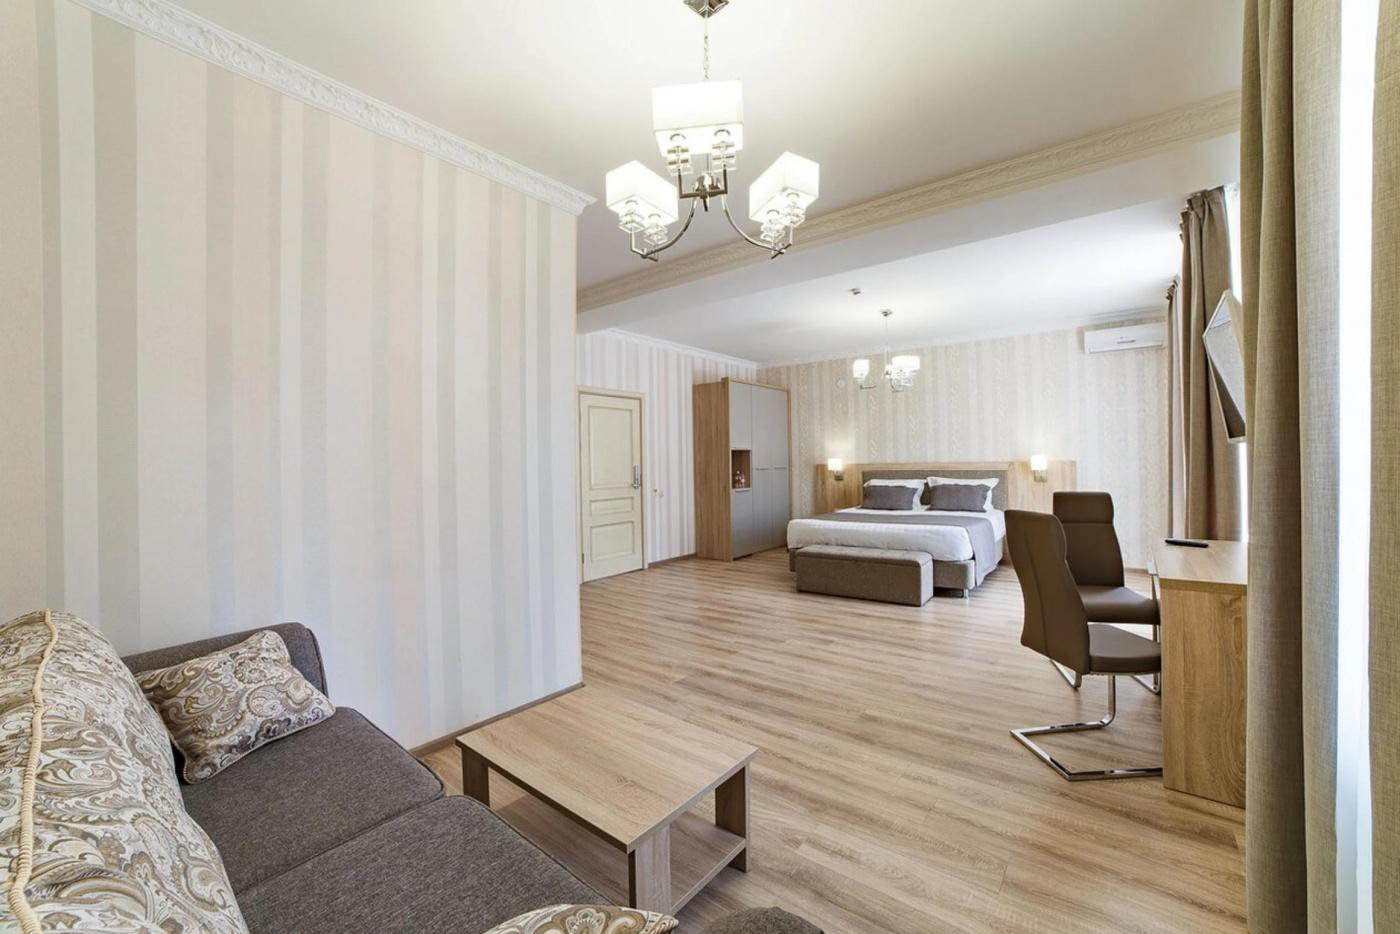 Отель «Alean Family Hotel Usadba 4*» Краснодарский край Стандарт Улучшенный 2-местный , фото 4